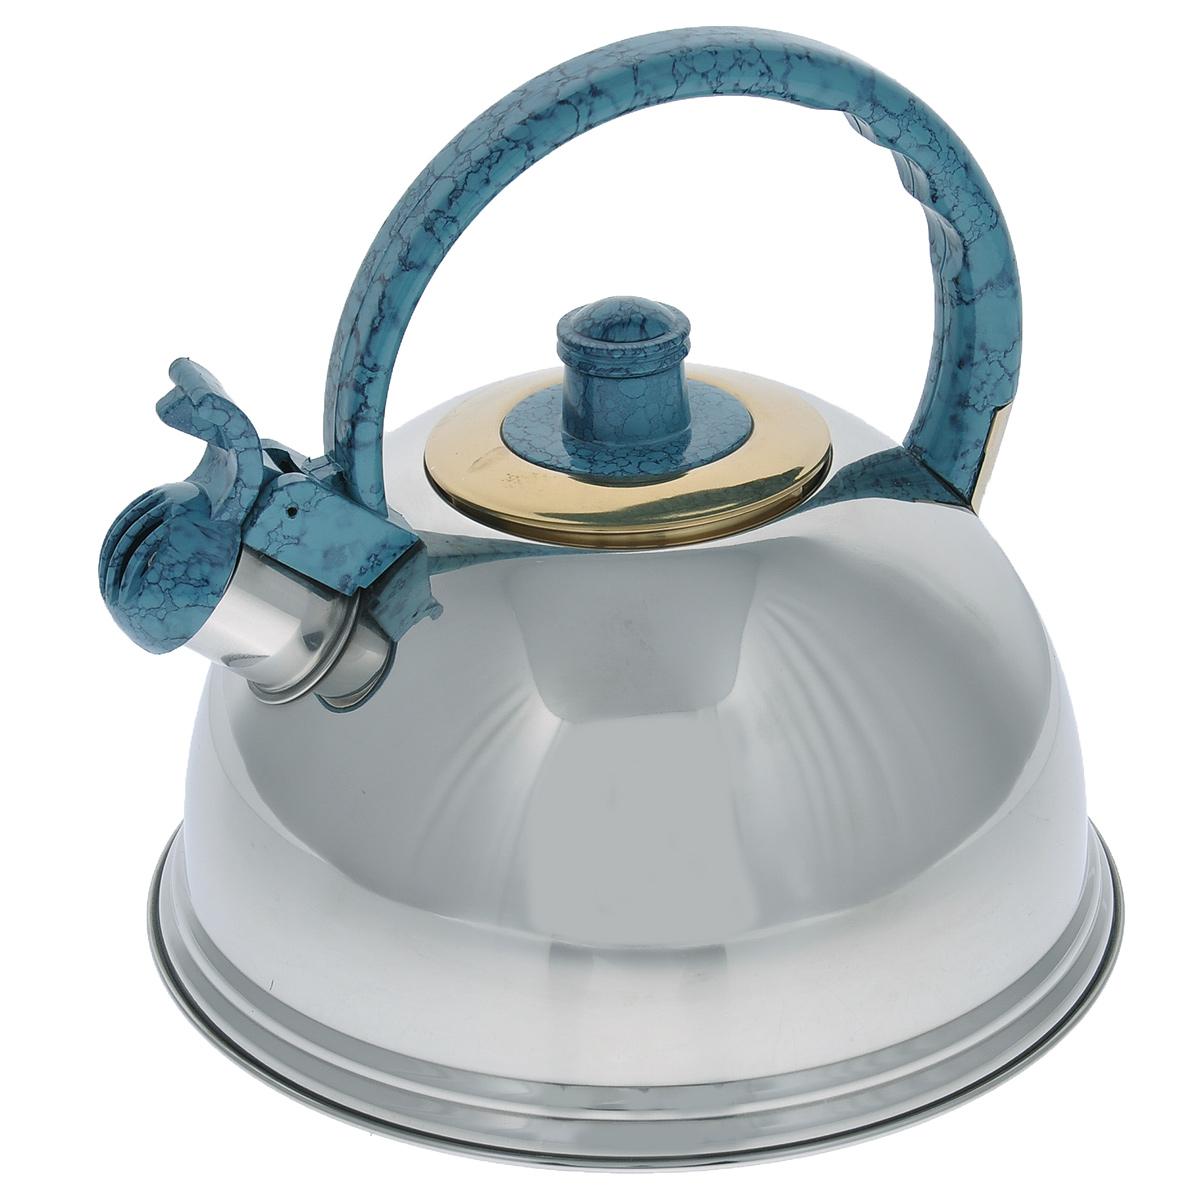 Чайник Mayer & Boch, со свистком, цвет: голубой, 2,7 л. 2359423594Чайник Mayer & Boch выполнен из нержавеющей стали высокой прочности с зеркальной полировкой. Чайник оснащен откидным свистком, который громко оповестит о закипании воды. Удобная эргономичная ручка и крышка выполнены из нейлона. Такой чайник идеально впишется в интерьер любой кухни и станет замечательным подарком к любому случаю. Подходит для всех типов плит, кроме индукционных. Можно мыть в посудомоечной машине. Диаметр чайника по верхнему краю: 8,5 см. Высота чайника (с учетом ручки): 21 см.